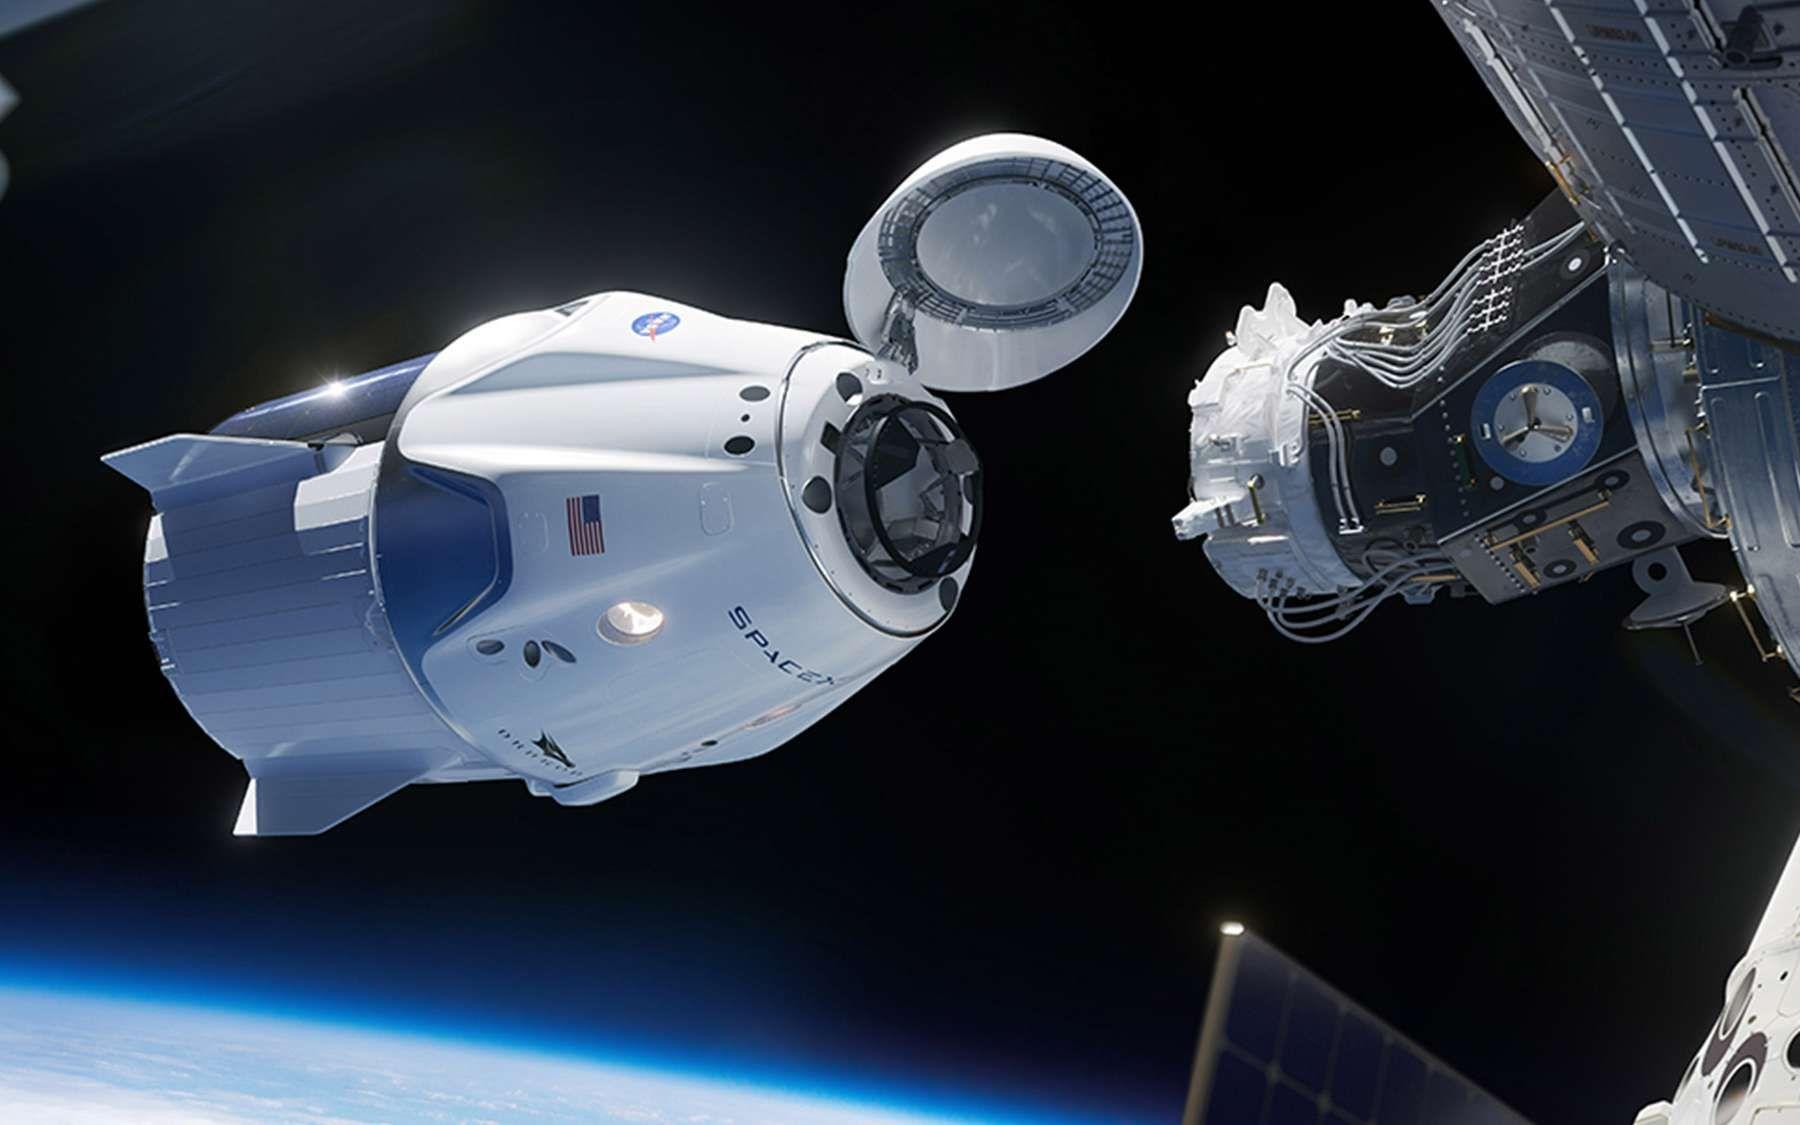 Le 27 mai, la Nasa va de nouveau lancer des astronautes